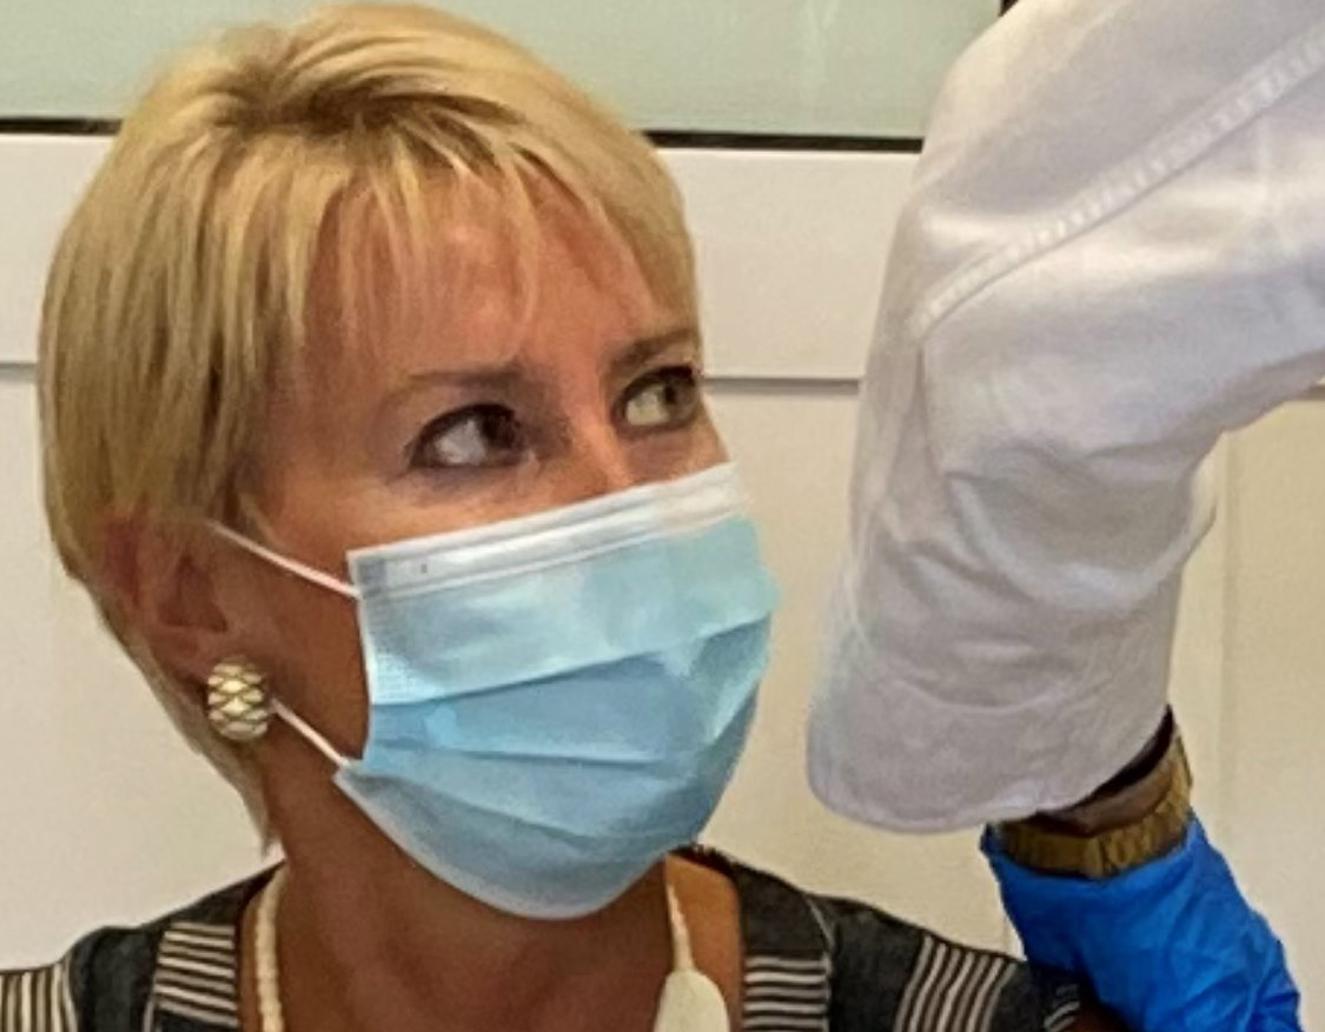 Η Νατάσα Παζαΐτη – Καραμανλή έκανε την τρίτη δόση του εμβολίου: «Σπάμε την αλυσίδα»